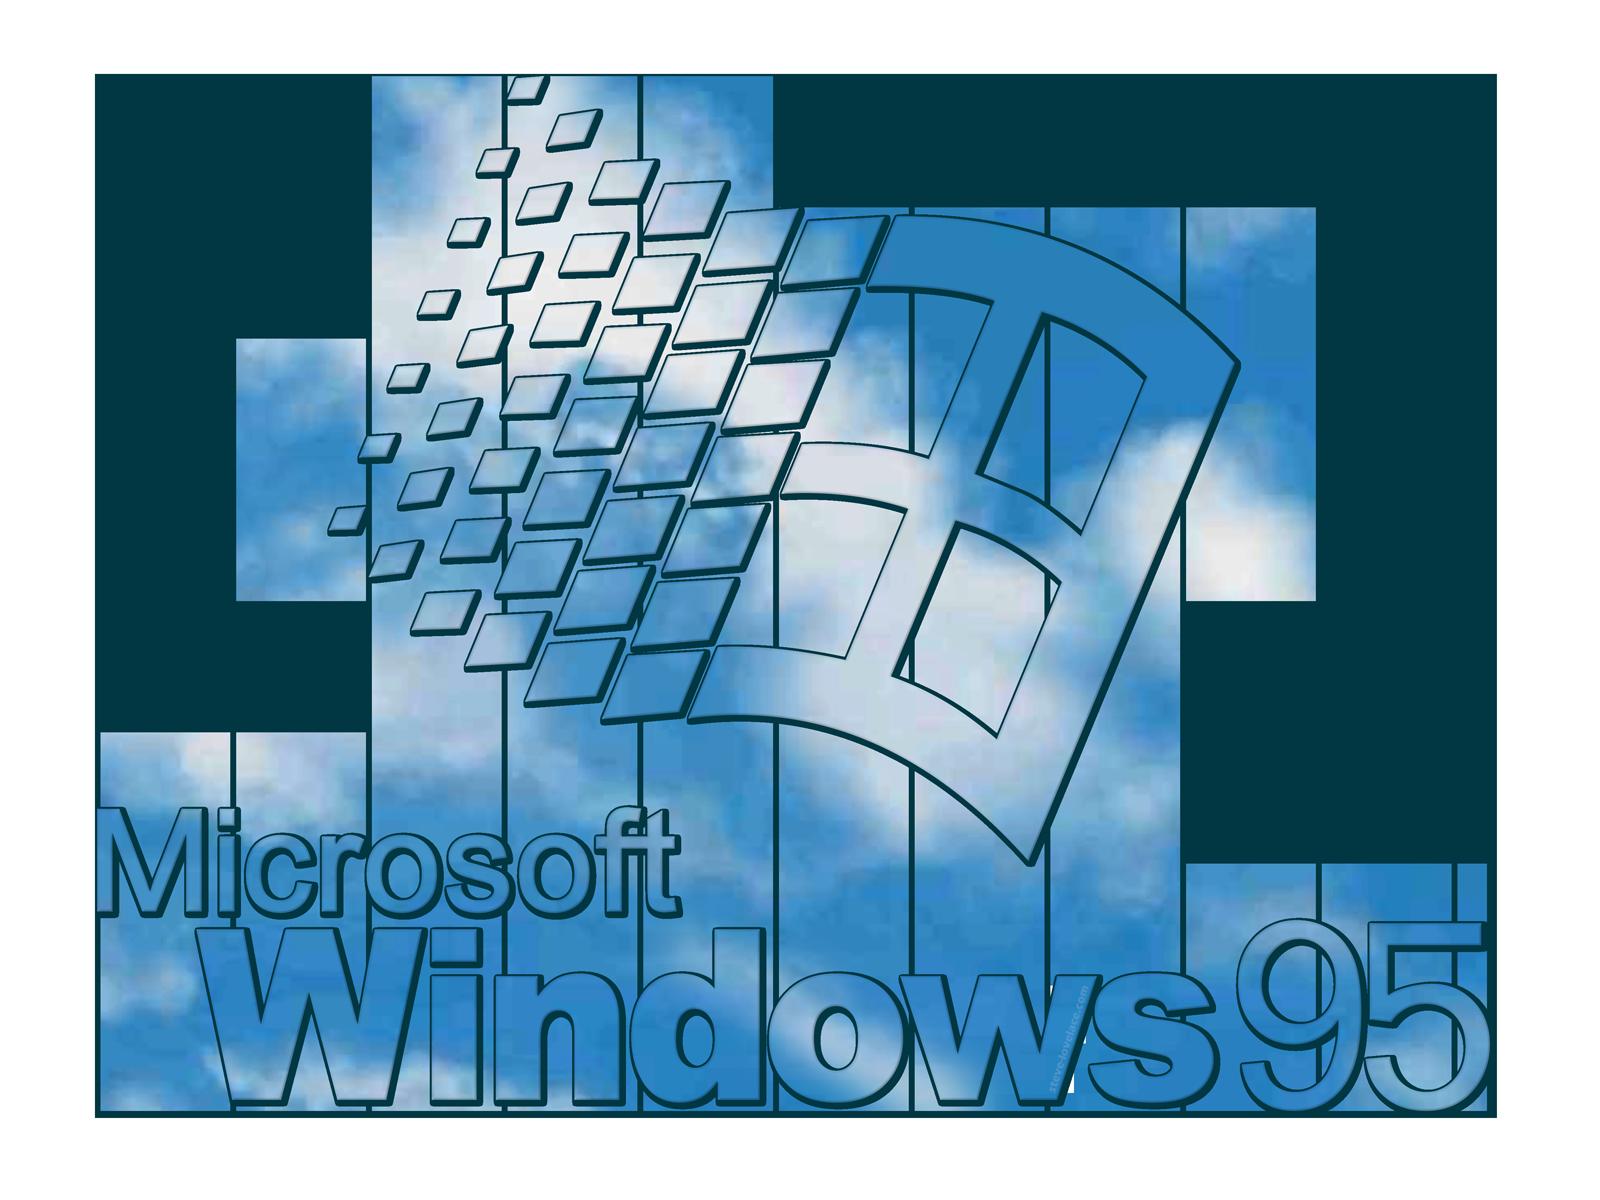 Starting up steve lovelace. Windows 95 logo png